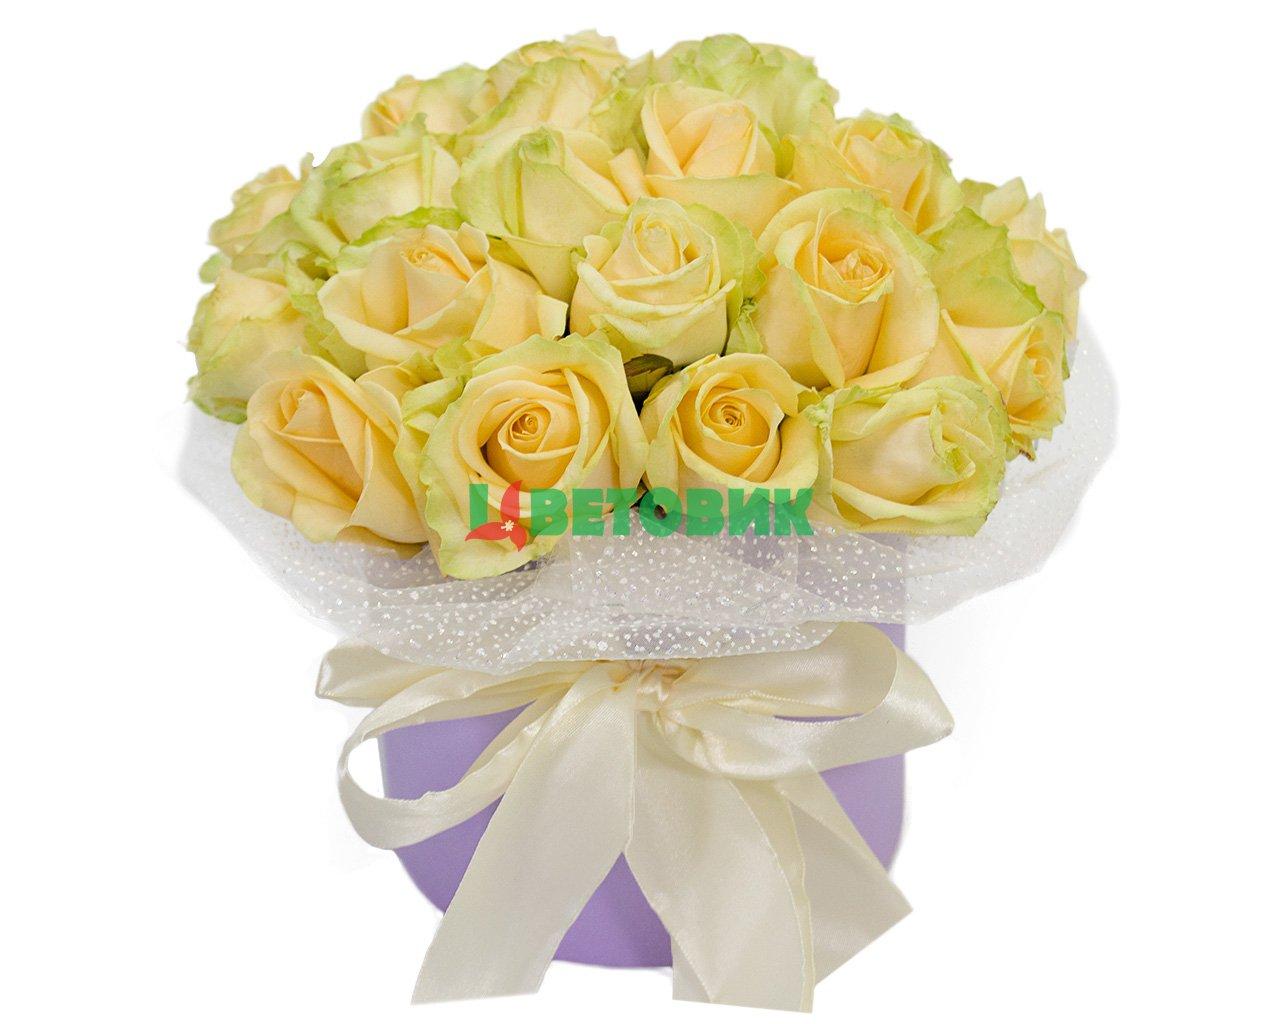 Цветы с доставкой в спб дешево доставка цветов по минску бесплатно